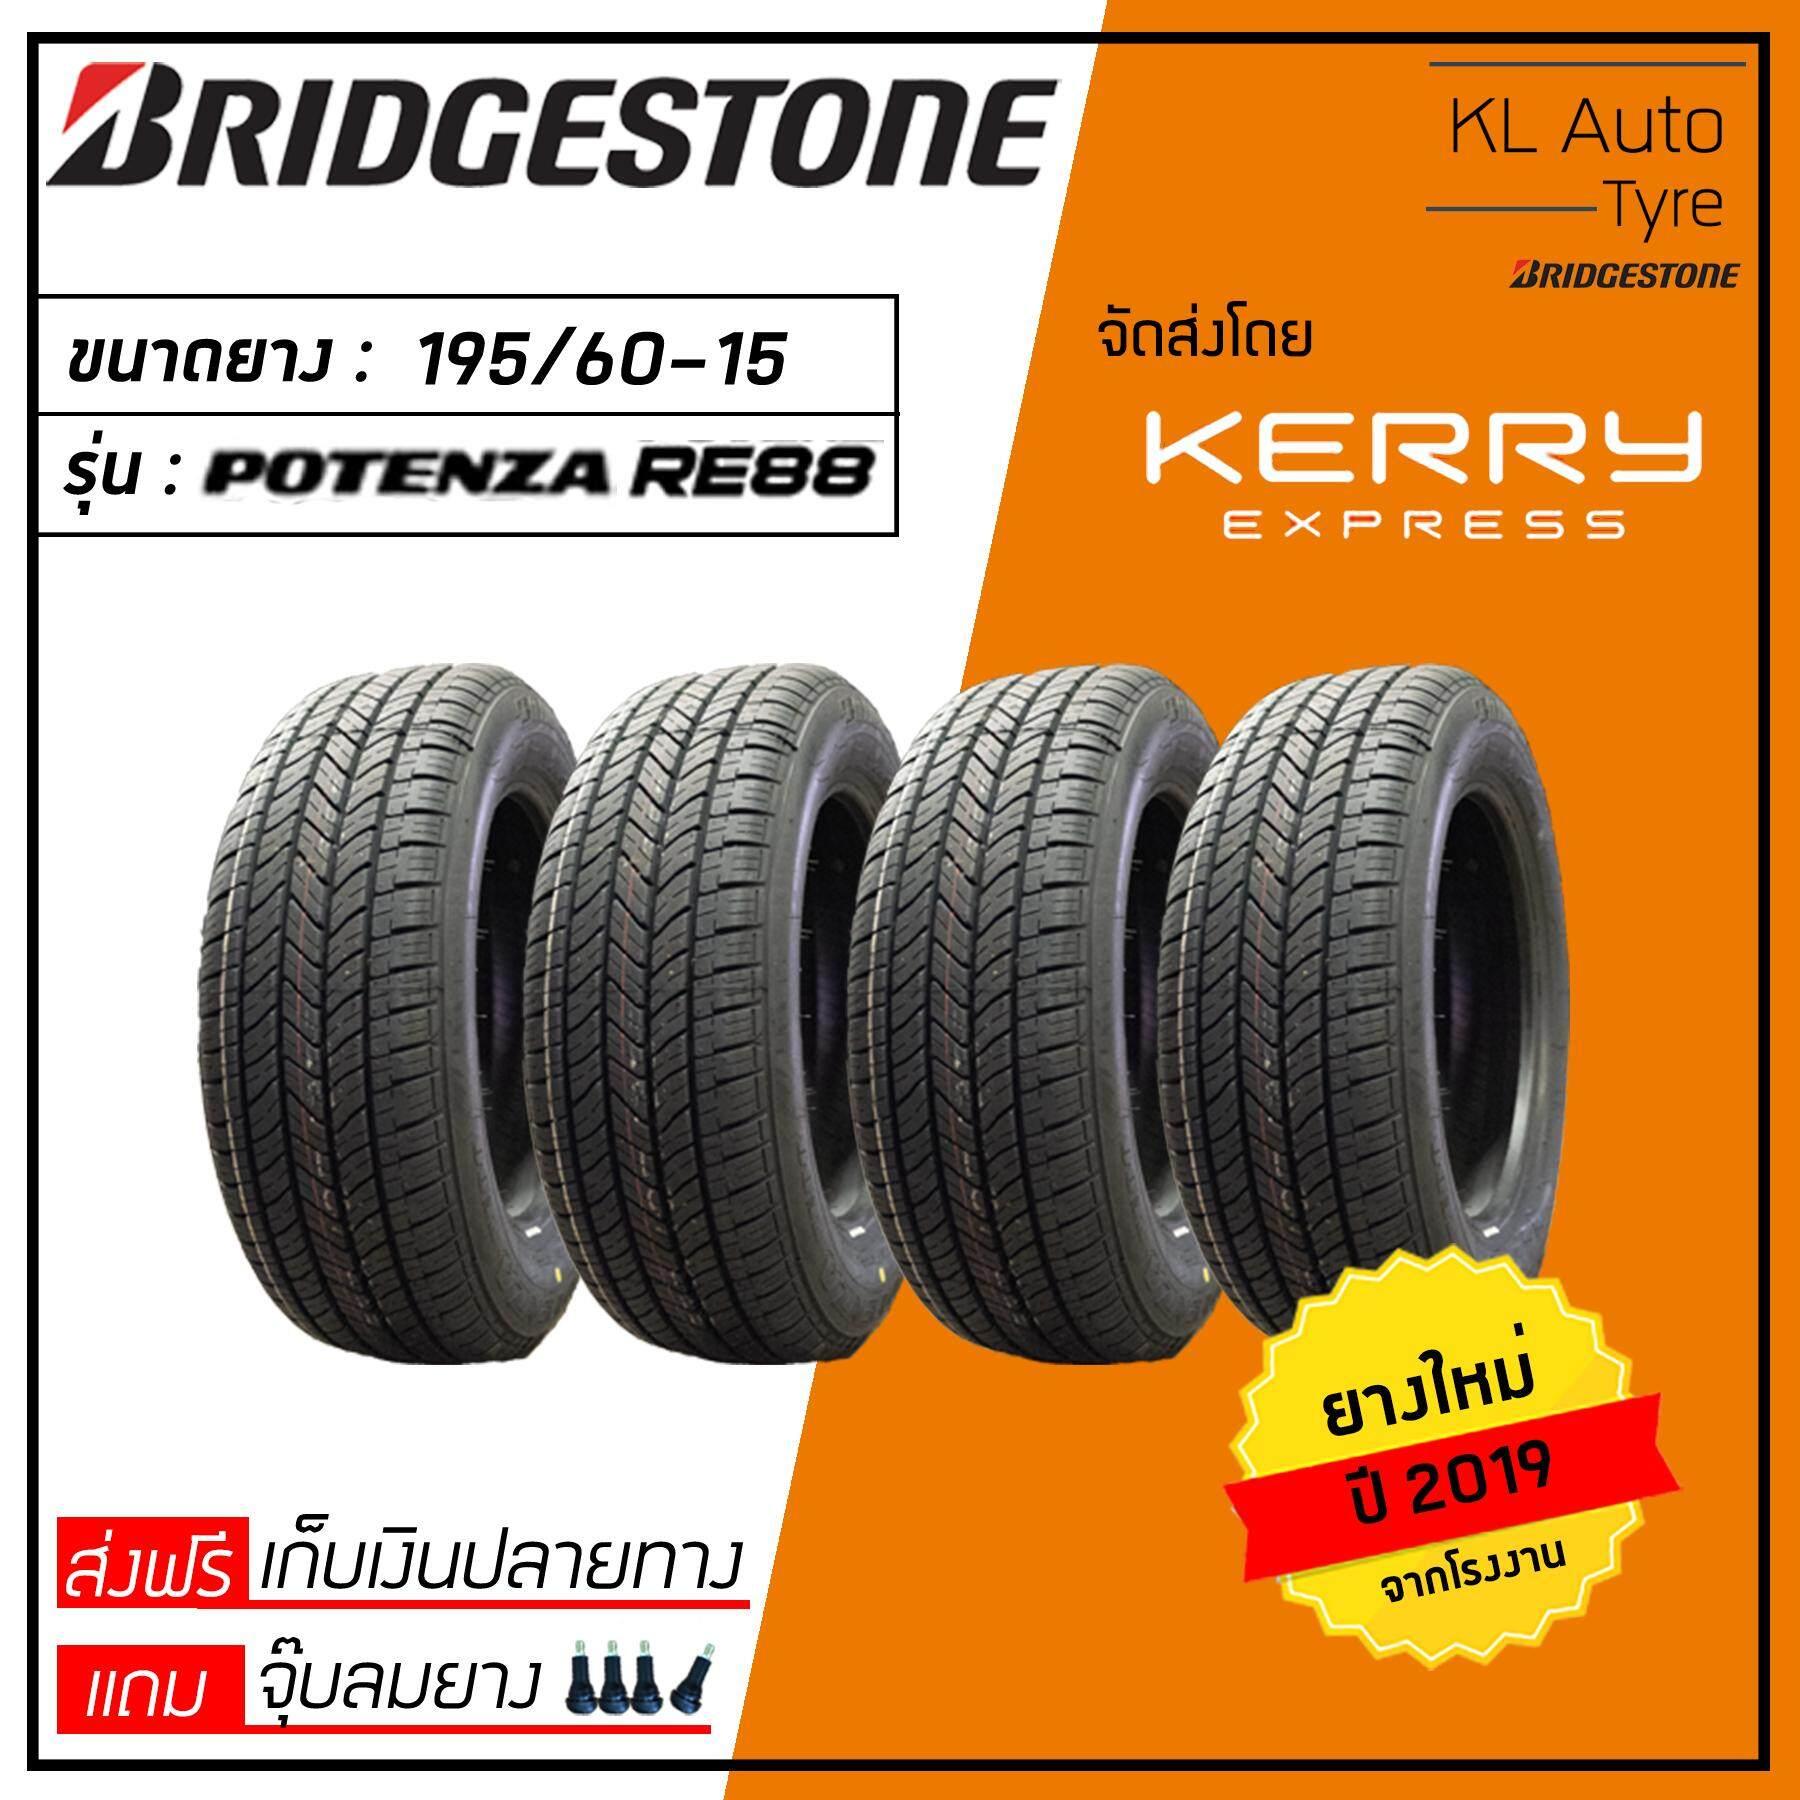 ประกันภัย รถยนต์ 2+ อำนาจเจริญ Bridgestone 195/60-15 RE88 4 เส้น ปี 19 (ฟรี จุ๊บยาง 4 ตัว มูลค่า 200 บาท)